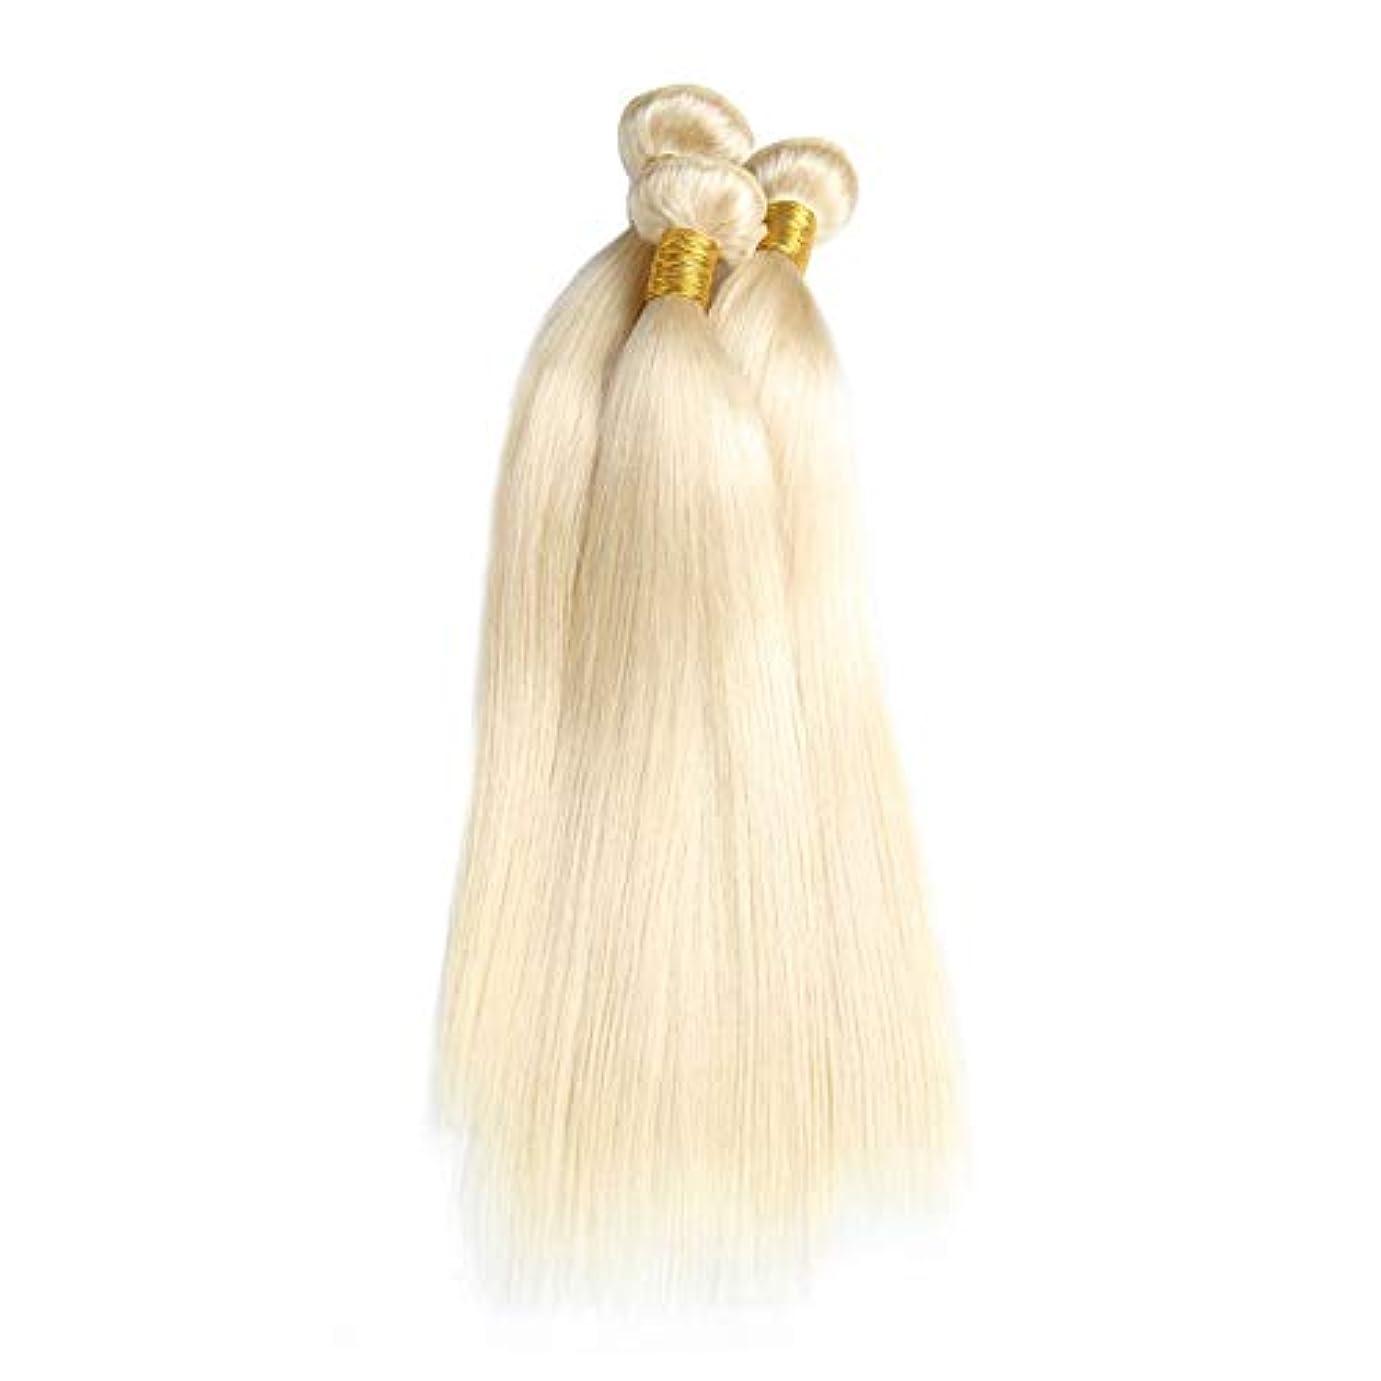 立証する泣き叫ぶ謙虚なSRY-Wigファッション ファッションライトブロンドレースフロントウィッグロングストレートプラチナブロンド合成ウィッグ女性用ハーフハンド結んだ波状ウィッグ22インチ (Color : 白, Size : 8inch)